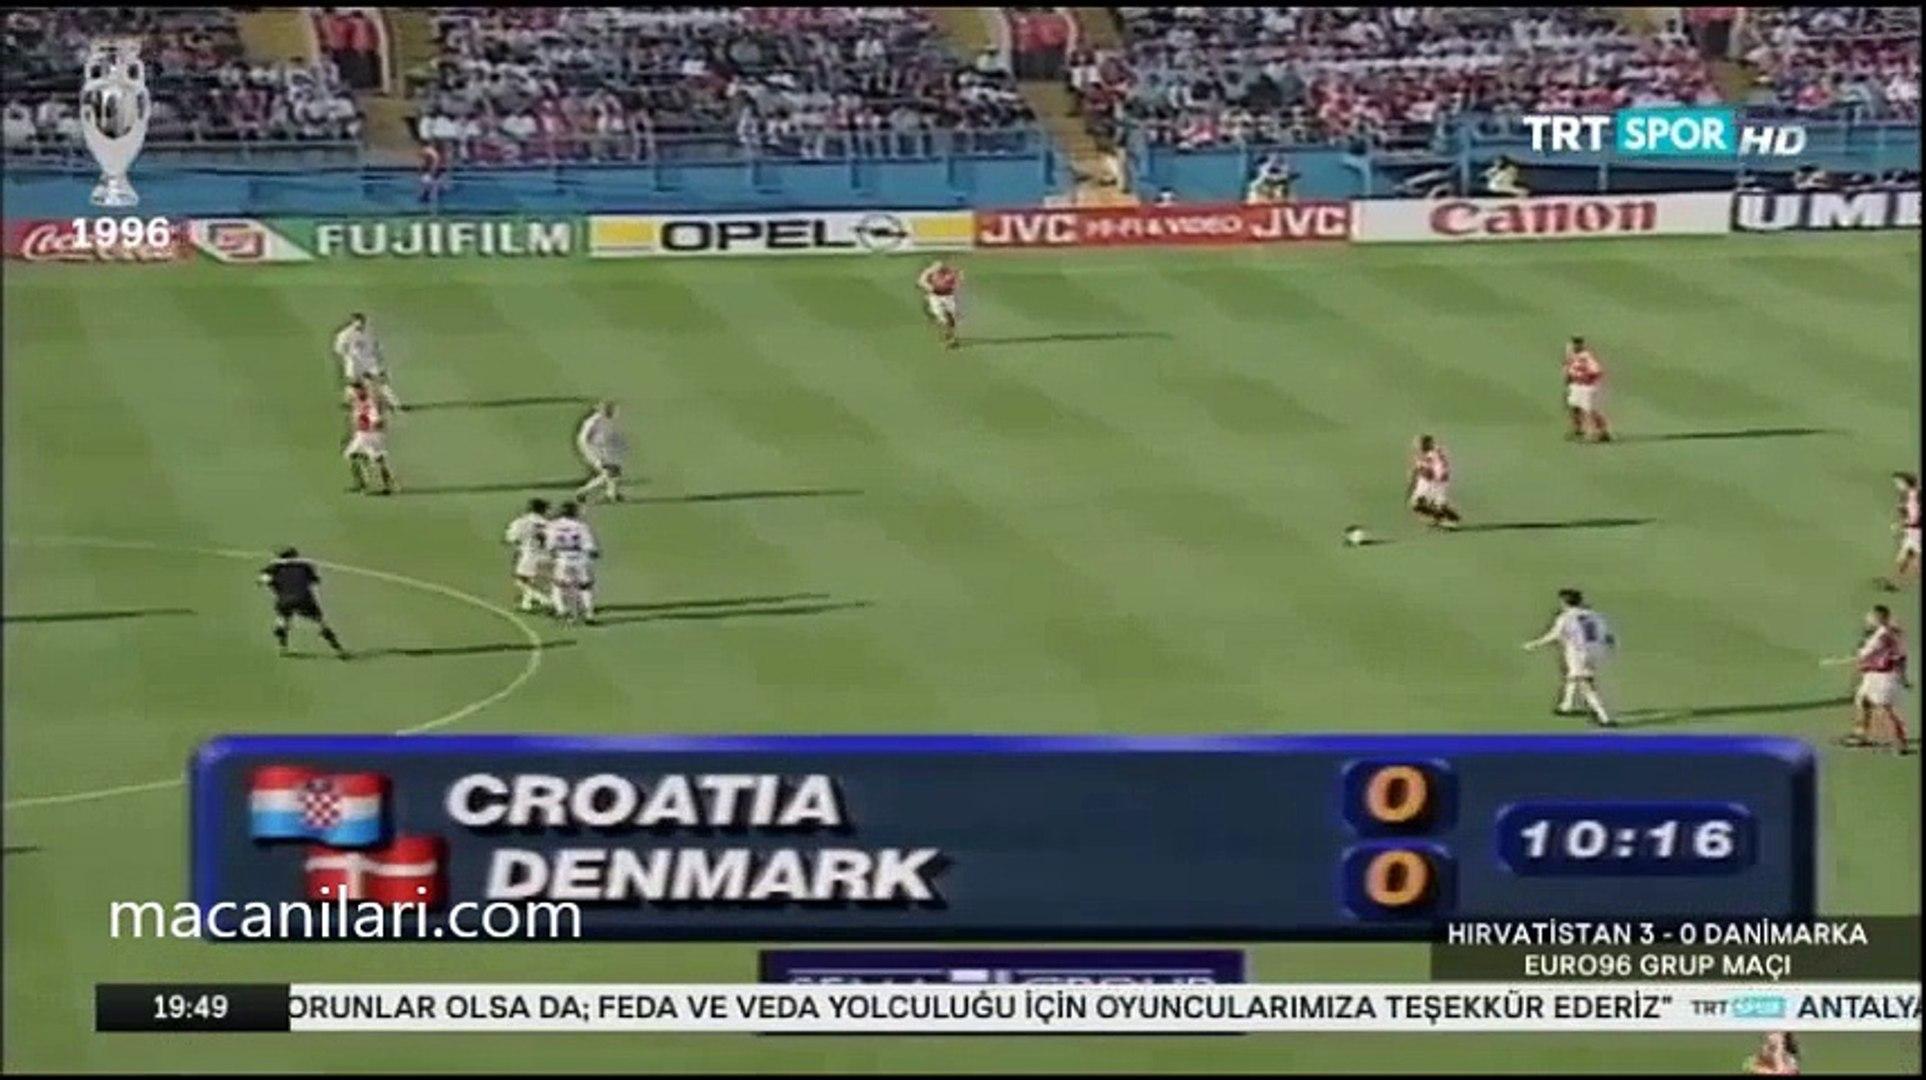 16 06 1996 - UEFA EURO 1996 Group D Matchday 2 Croatia 3-0 Denmark - 1996  Avrupa Futbol Şampiyonası Hırvatistan 3-0 Danimarka